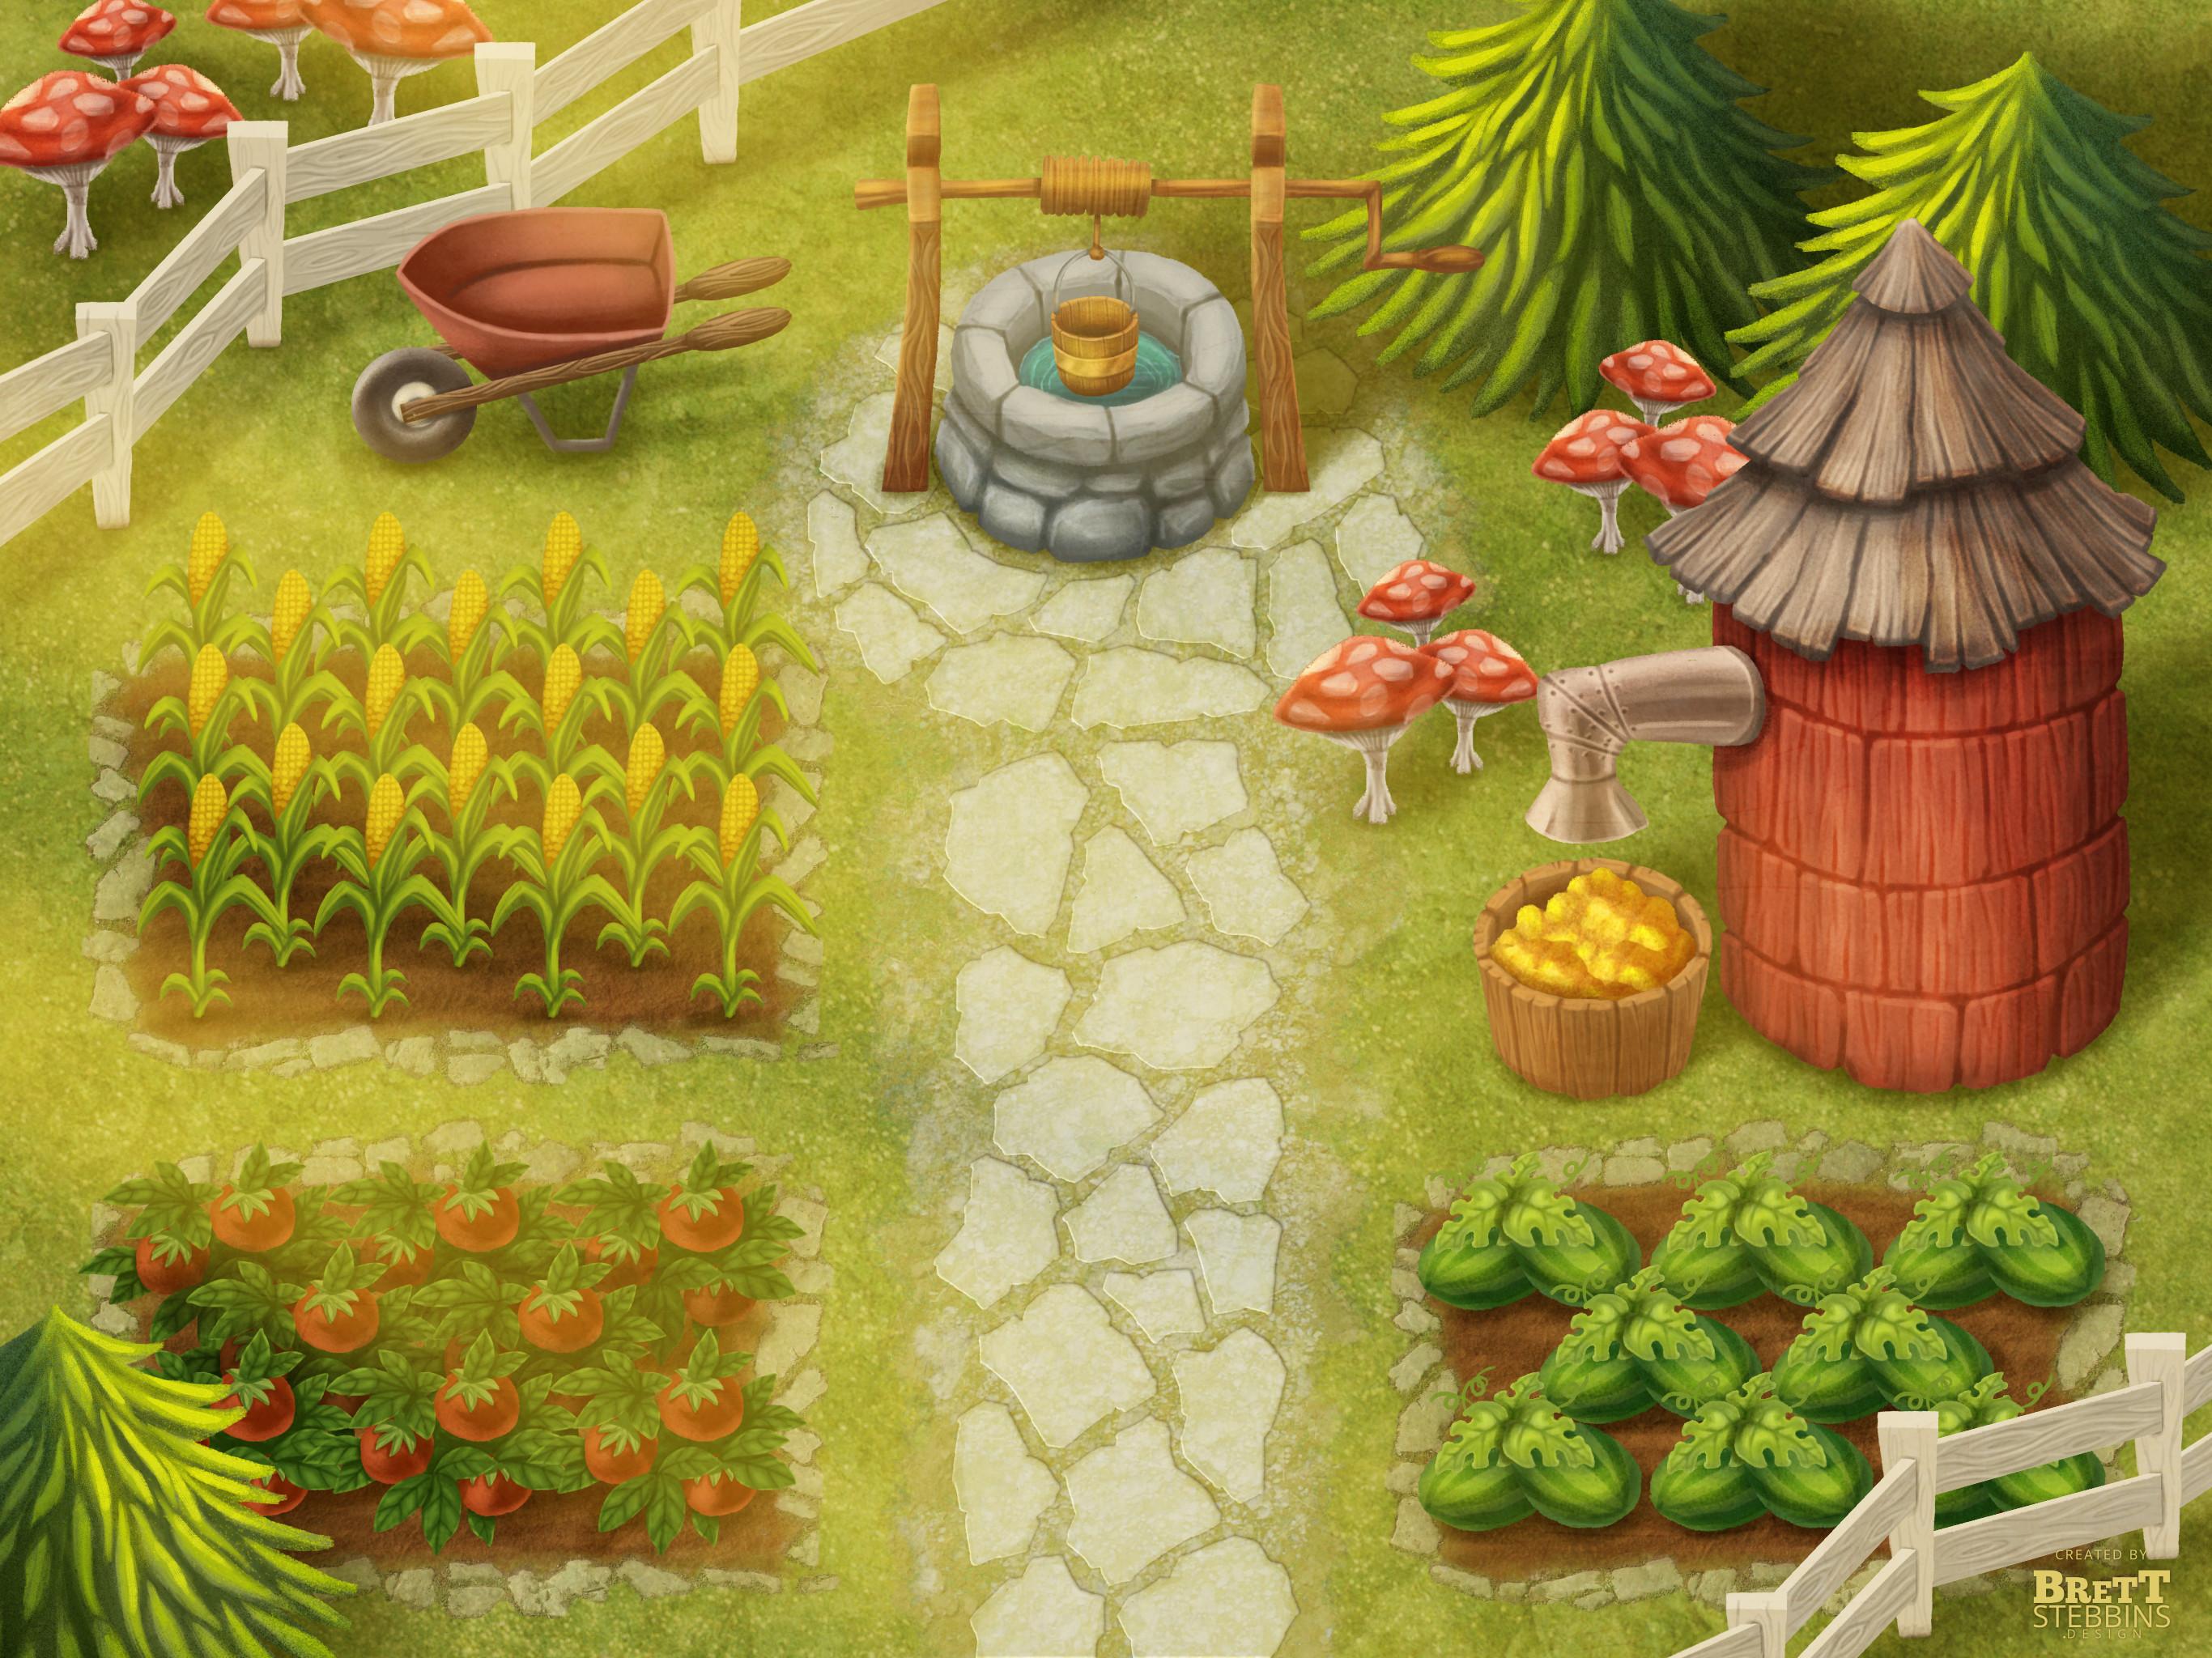 Final Concept Art - Garden Area